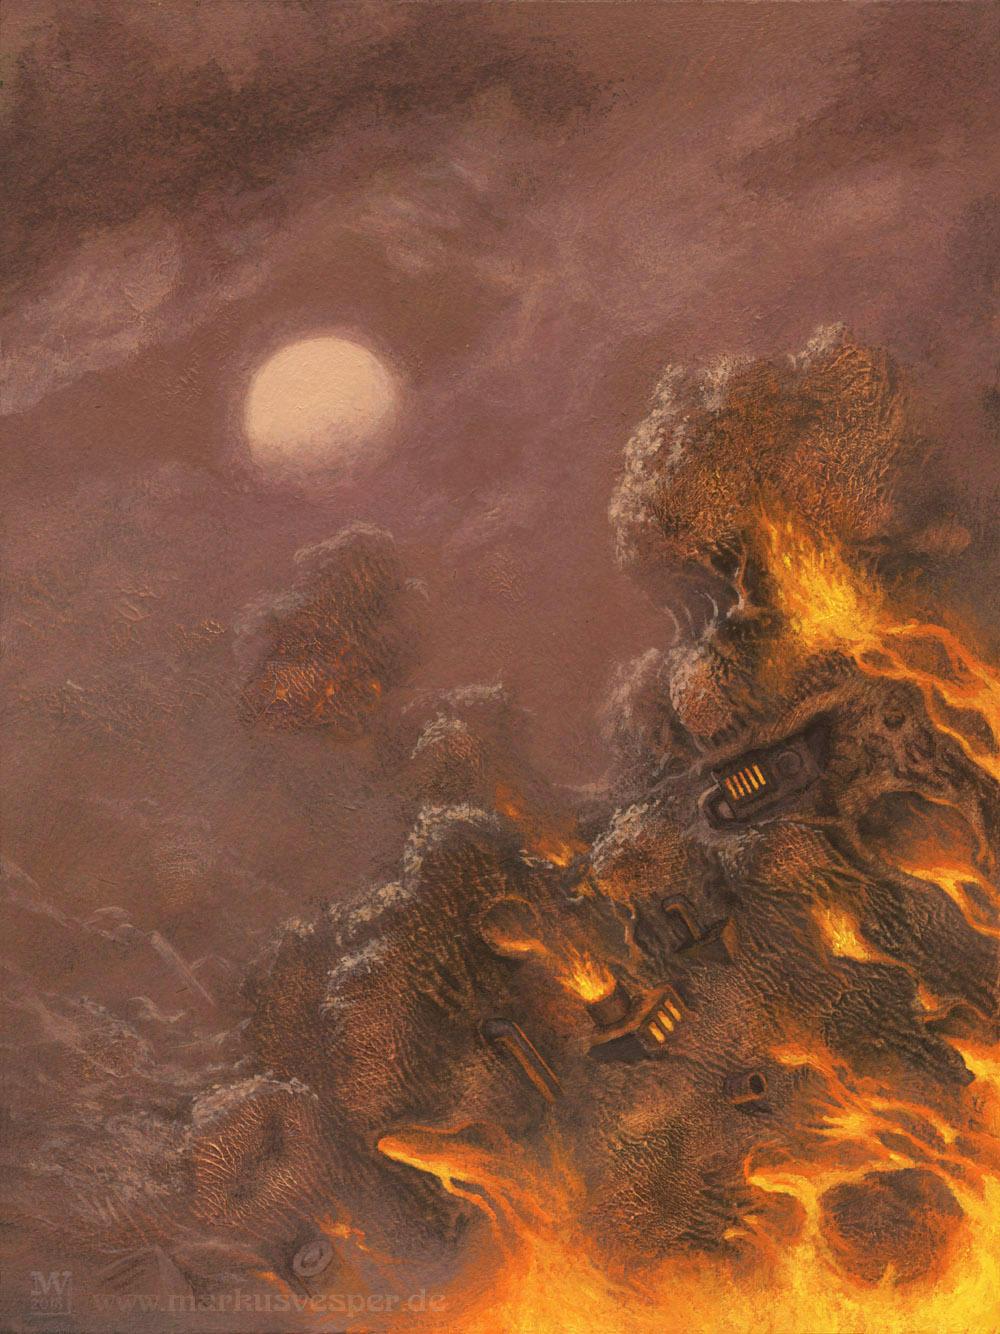 Firemoon by Acrylicdreams